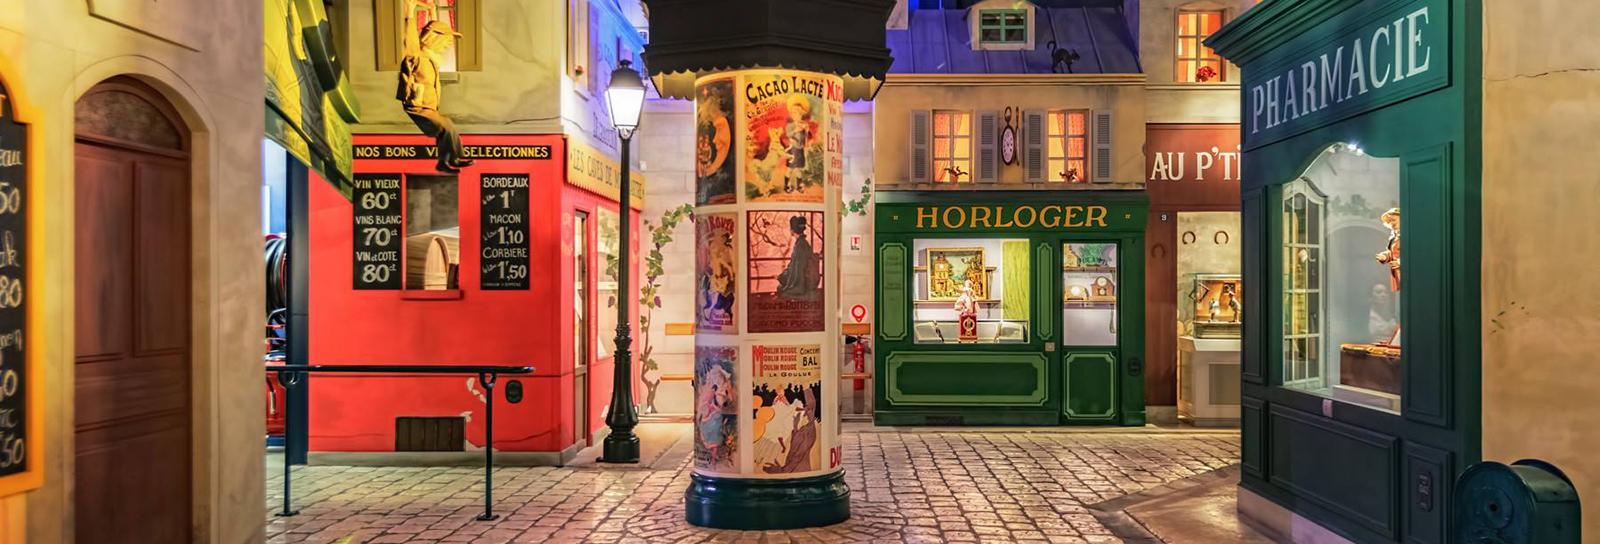 O bairro queridinho de Amélie Poulain ganhou uma maravilhosa versão em miniatura